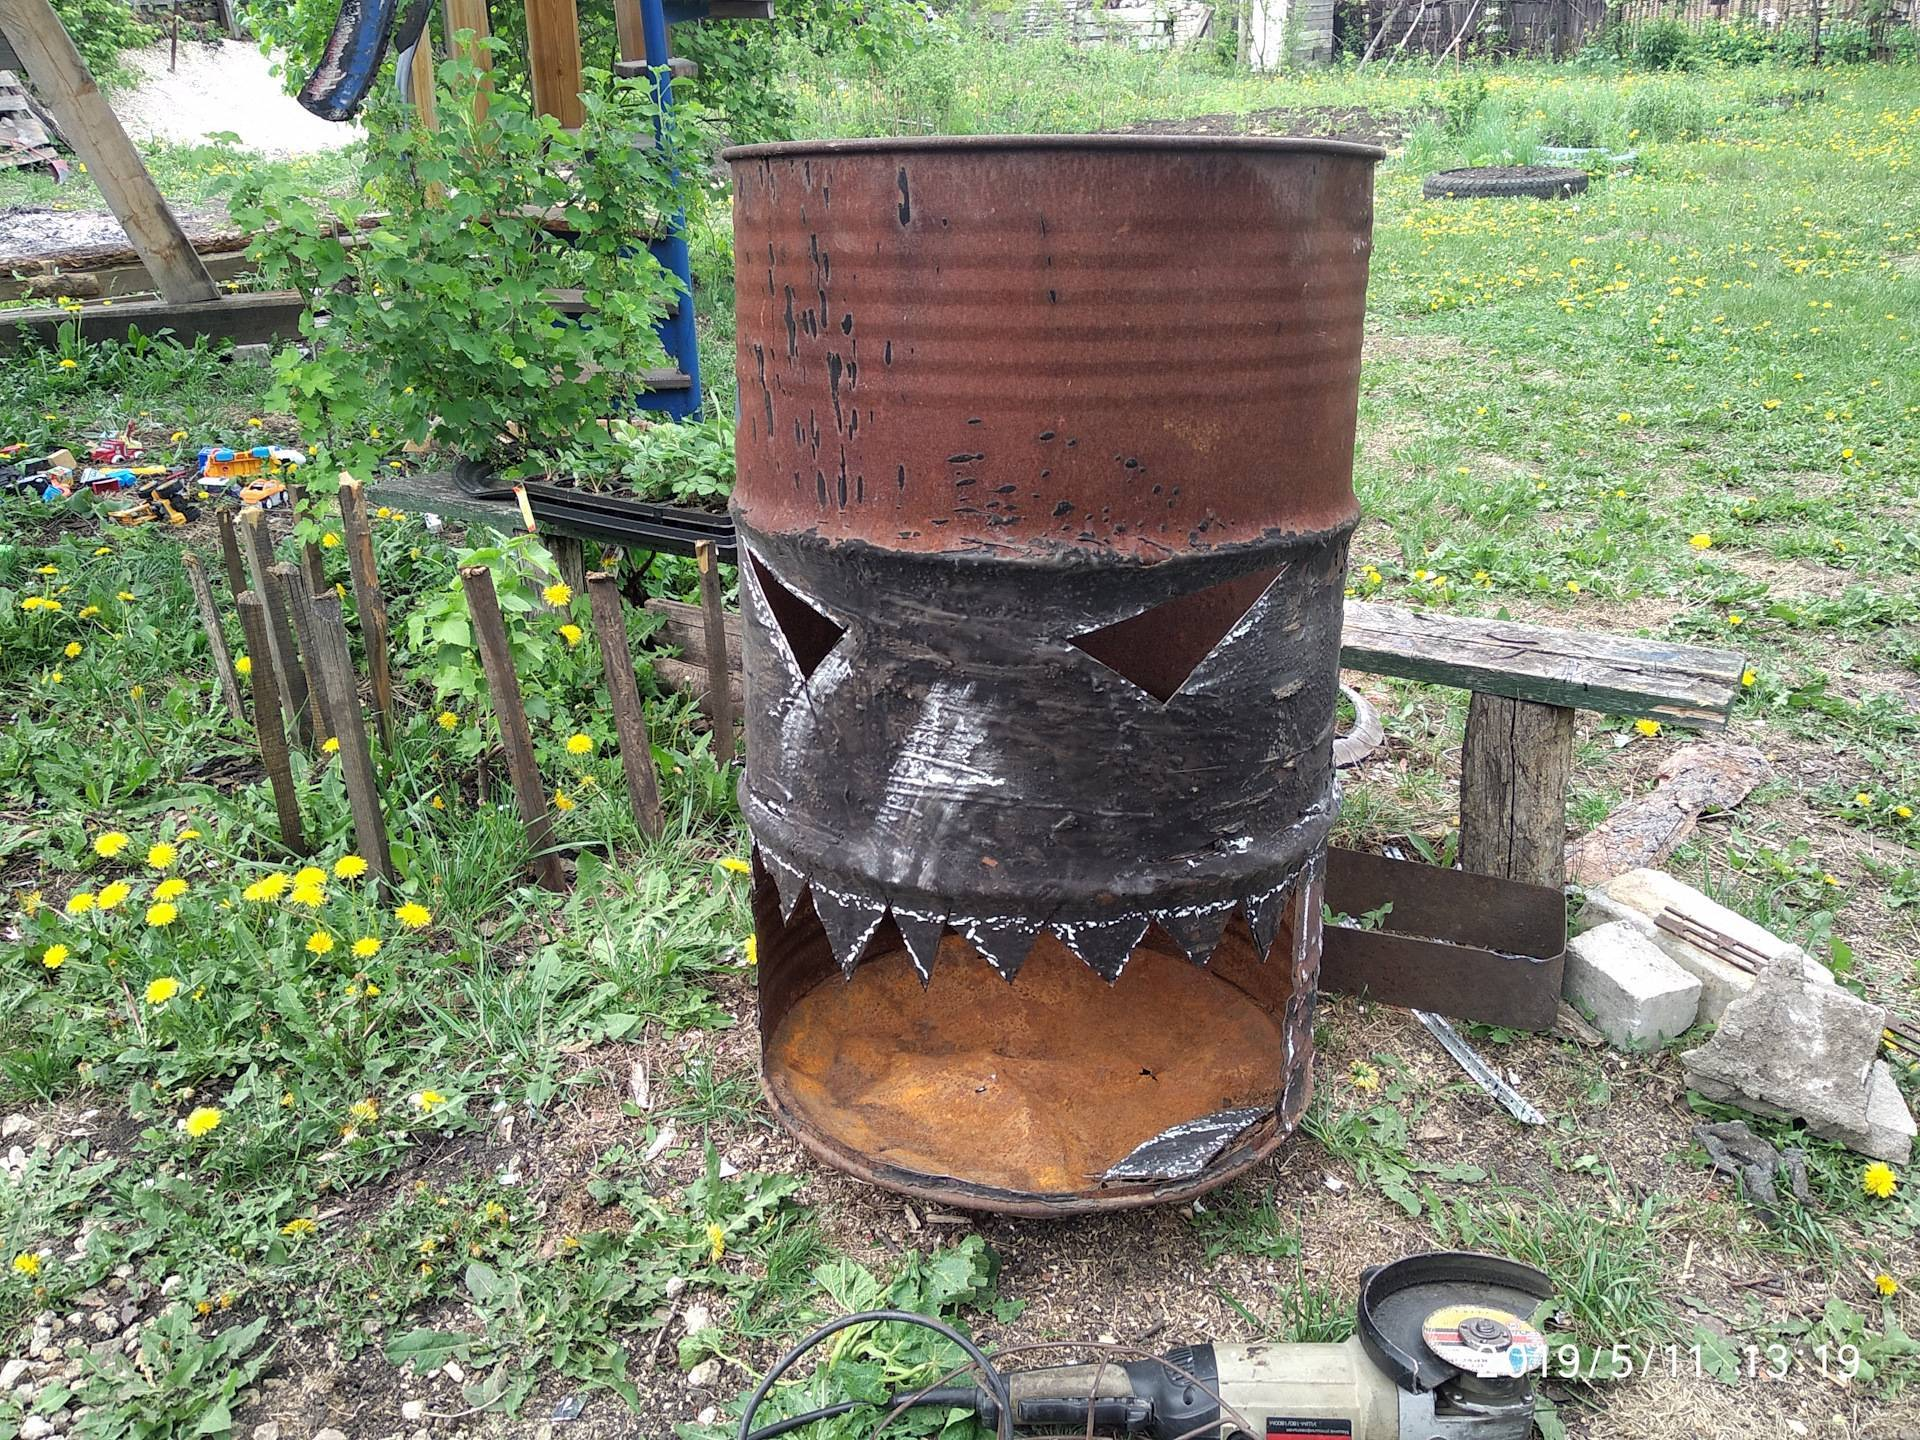 Делаем печь для сжигания мусора своими руками — 2 варианта постройки